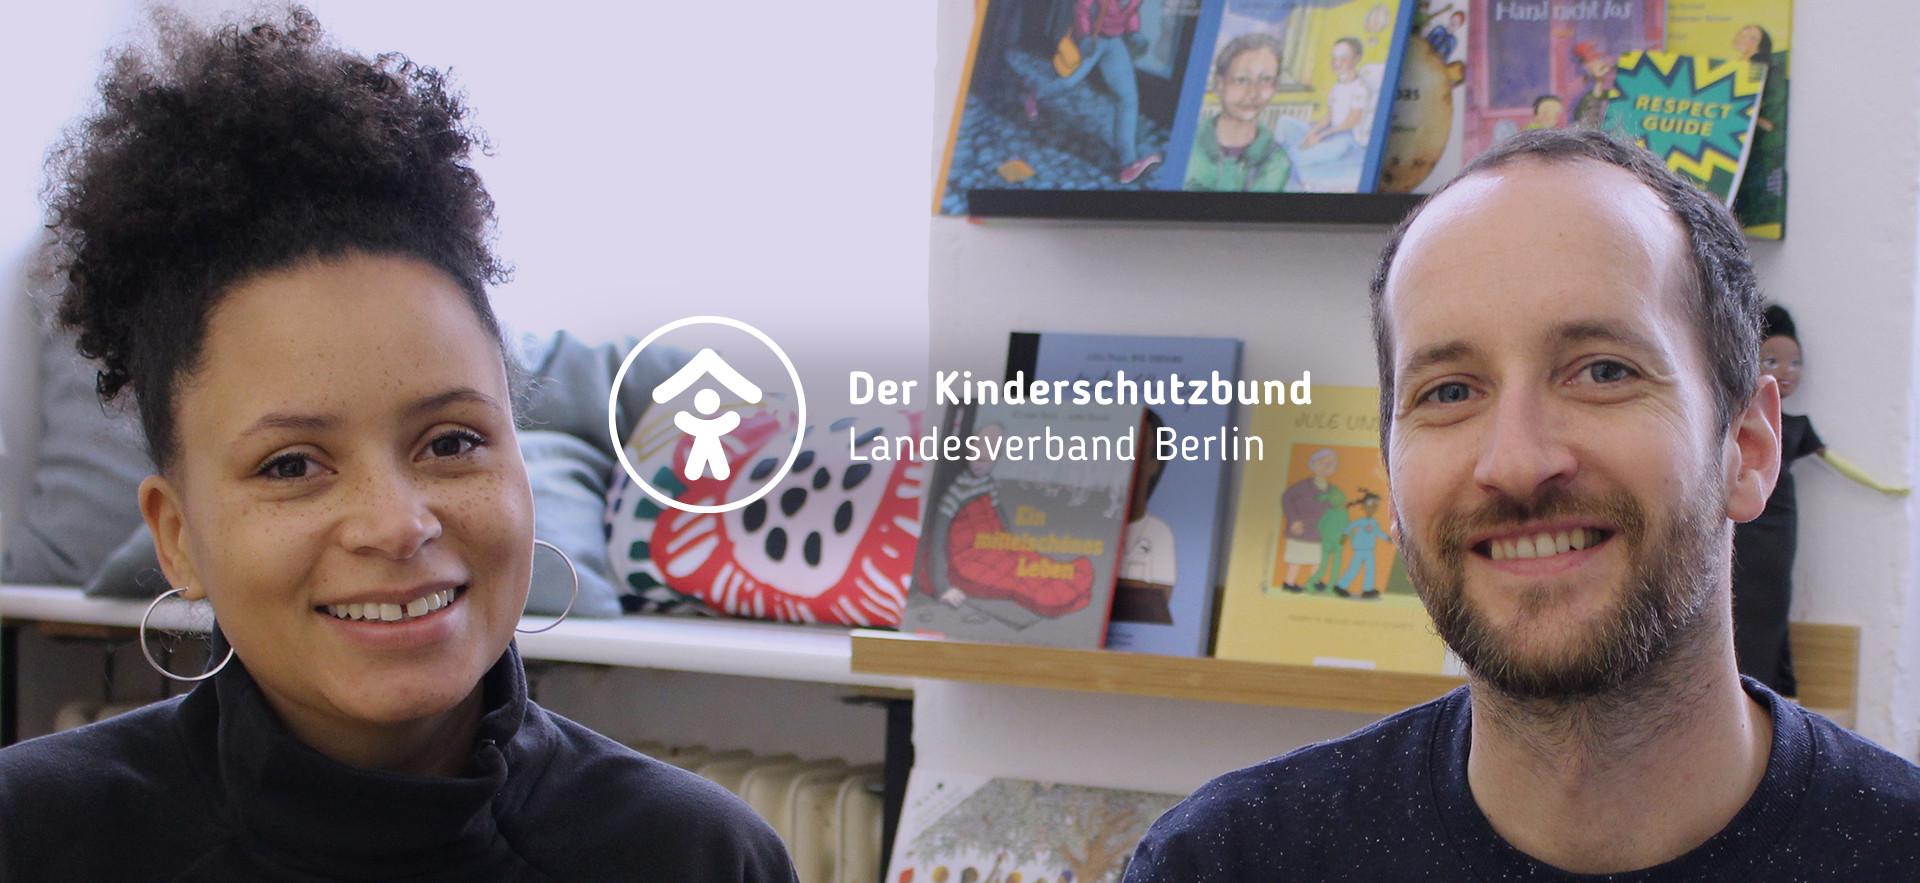 Deutscher Kinderschutzbund Berlin